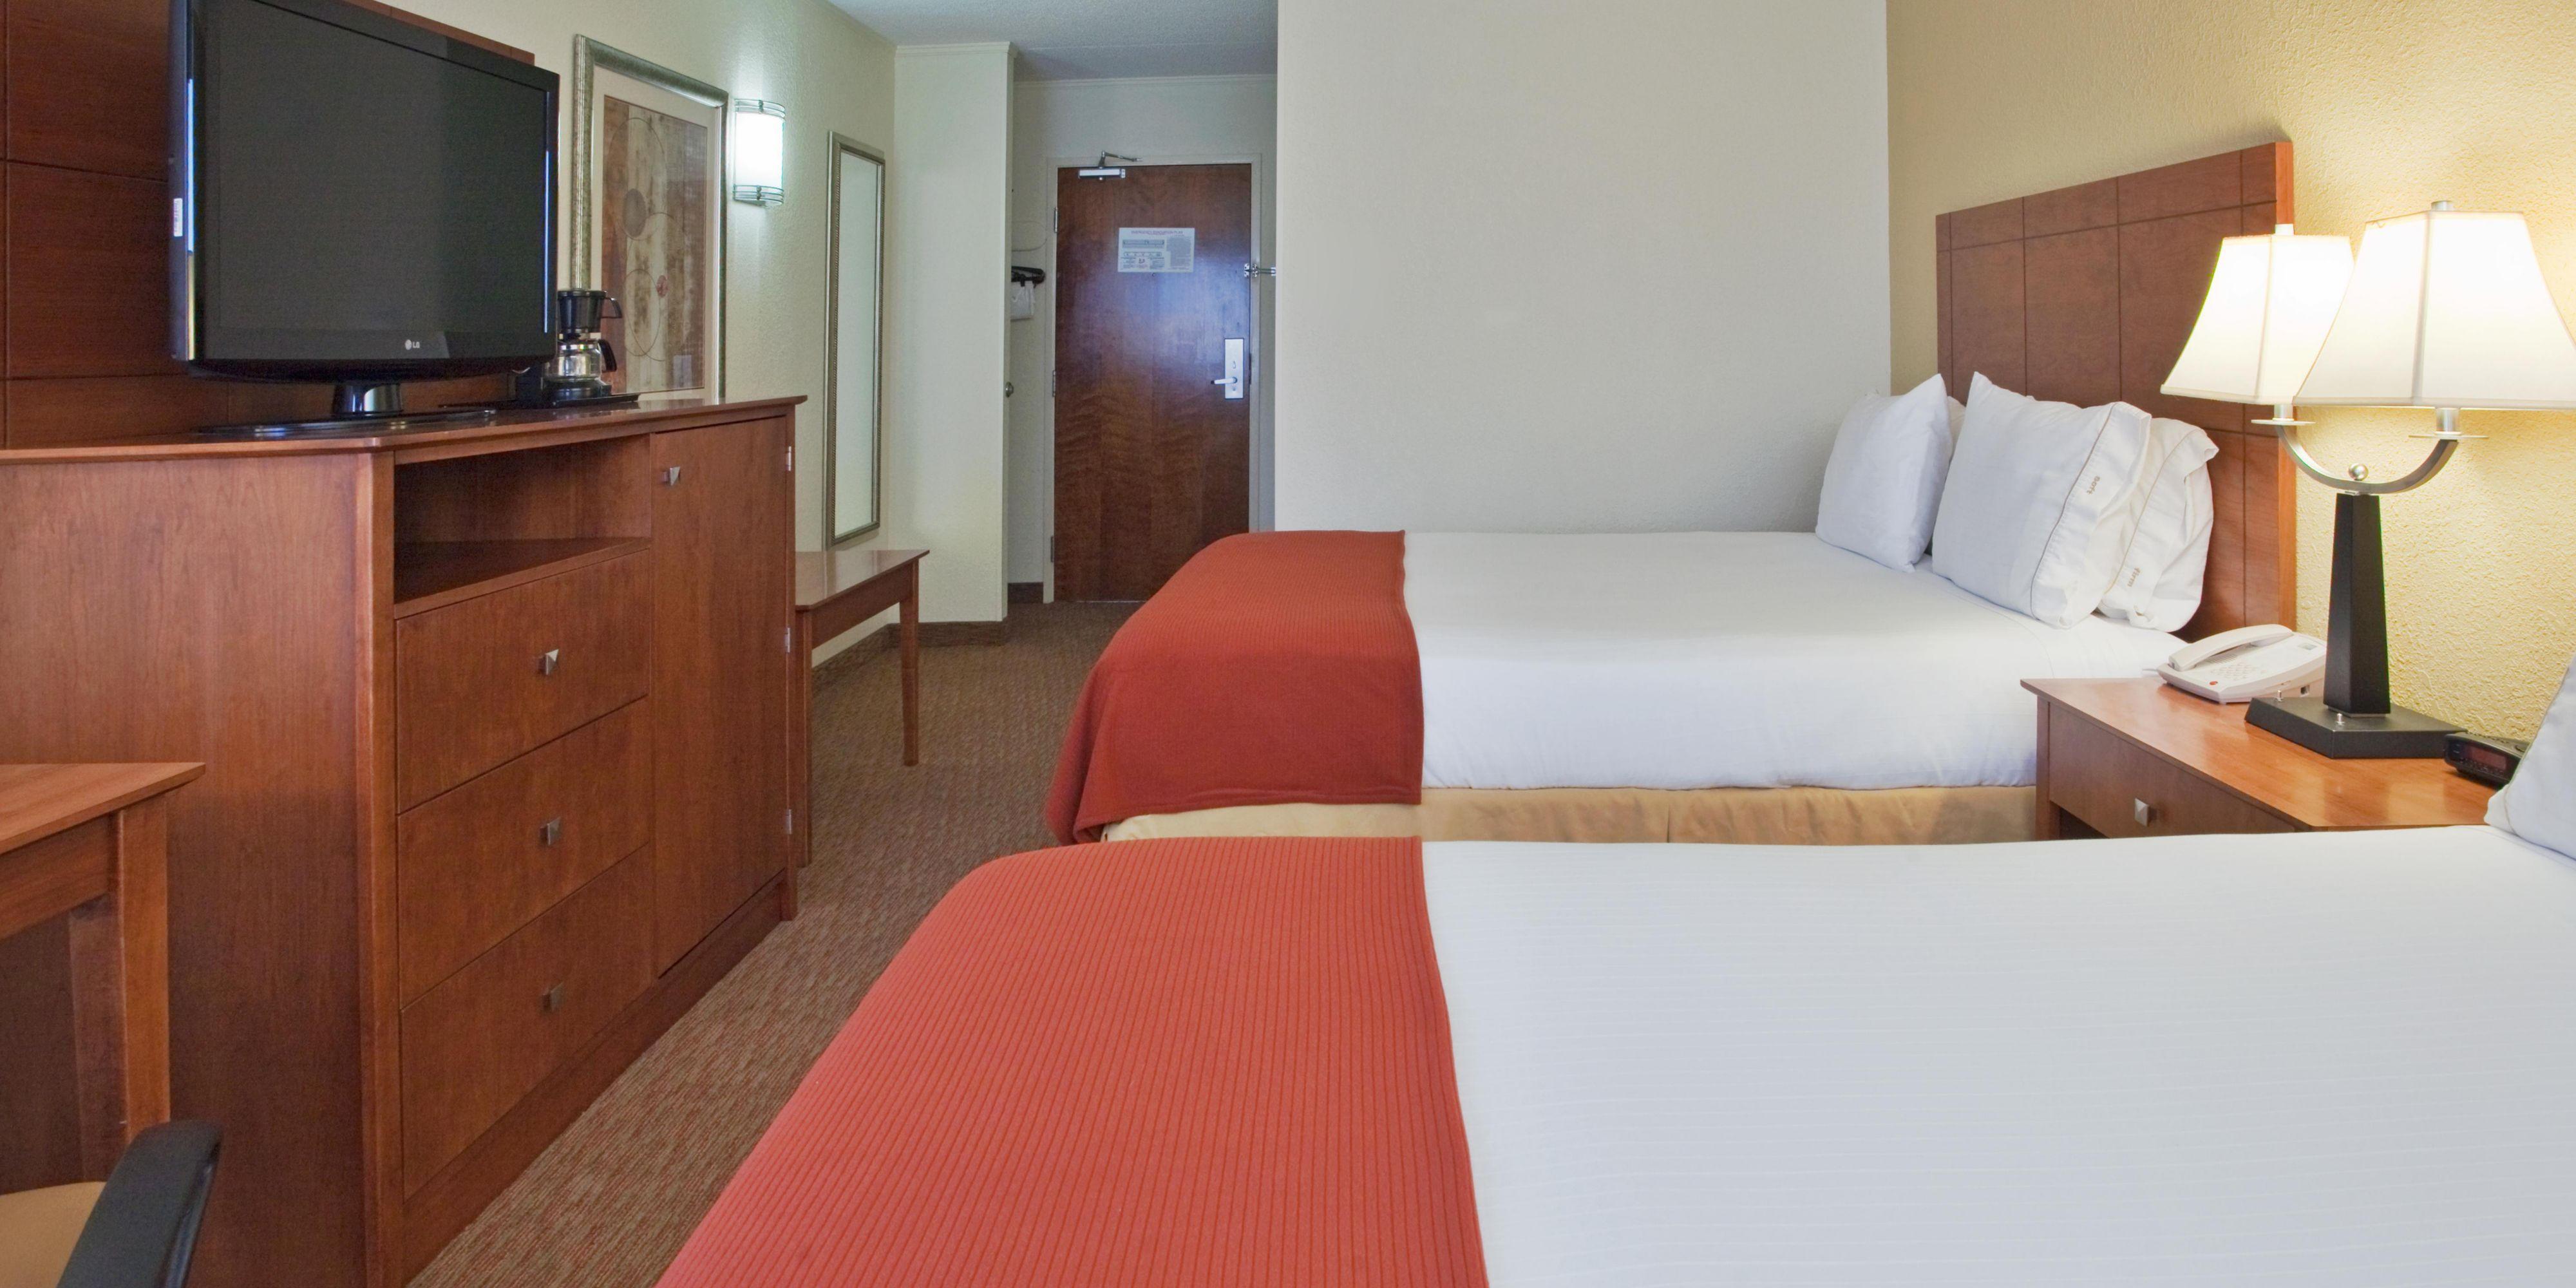 Holiday Inn Express Lynchburg 4284854975 2x1